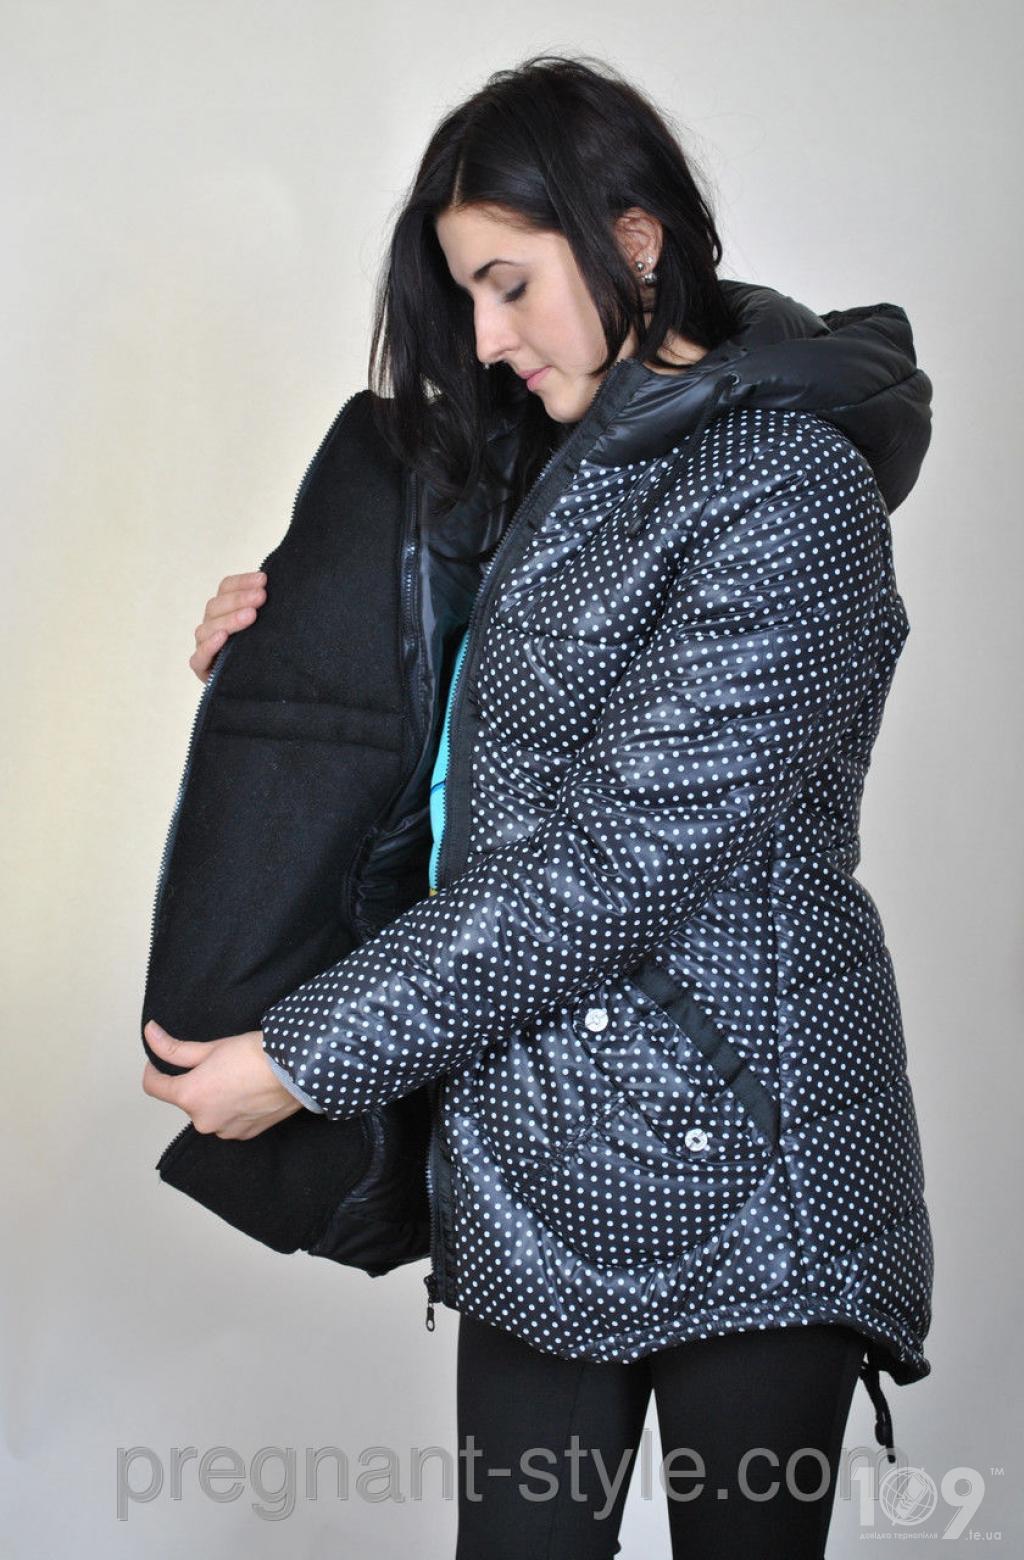 Магазин одягу для вагітних Dianora Тернопіль cf66ef0c5e0f5